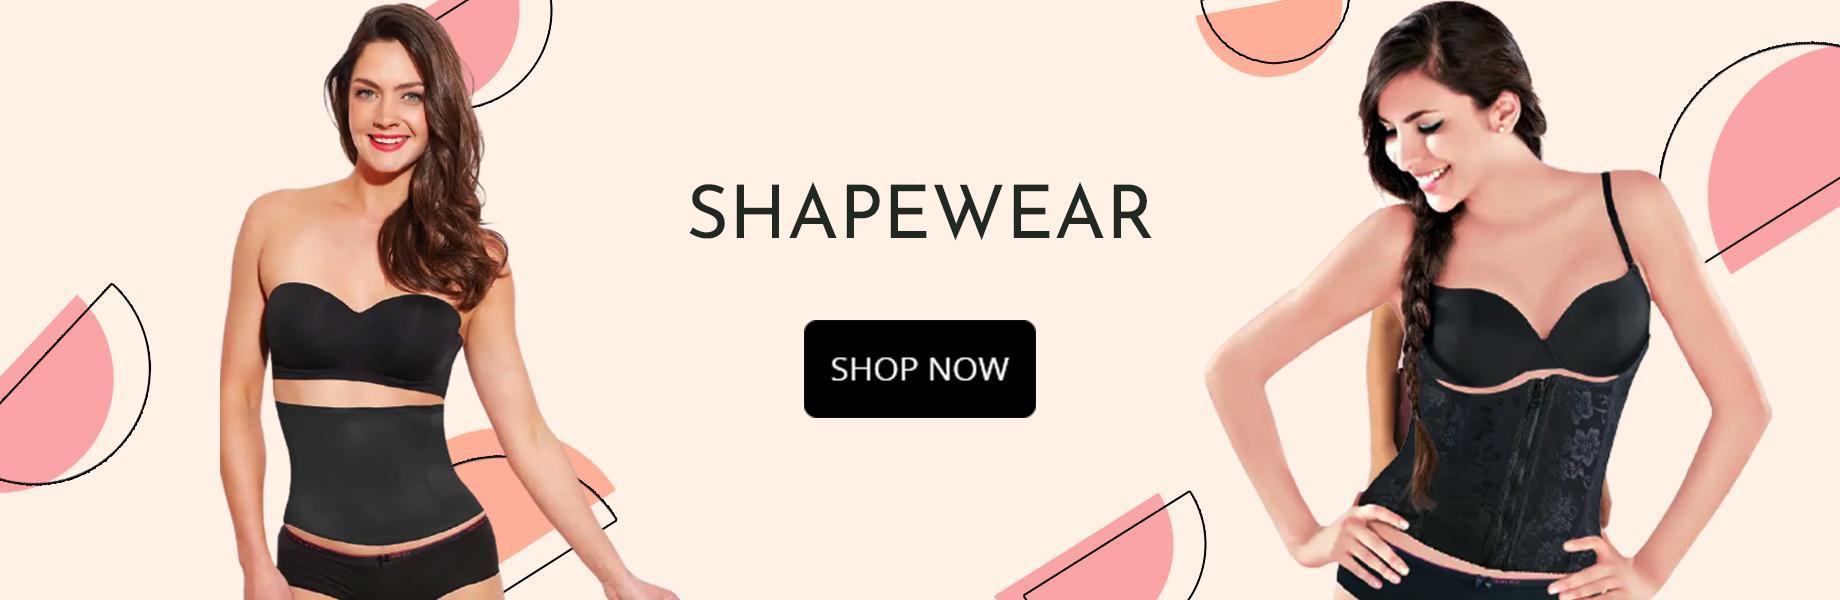 shapewear_web.jpg